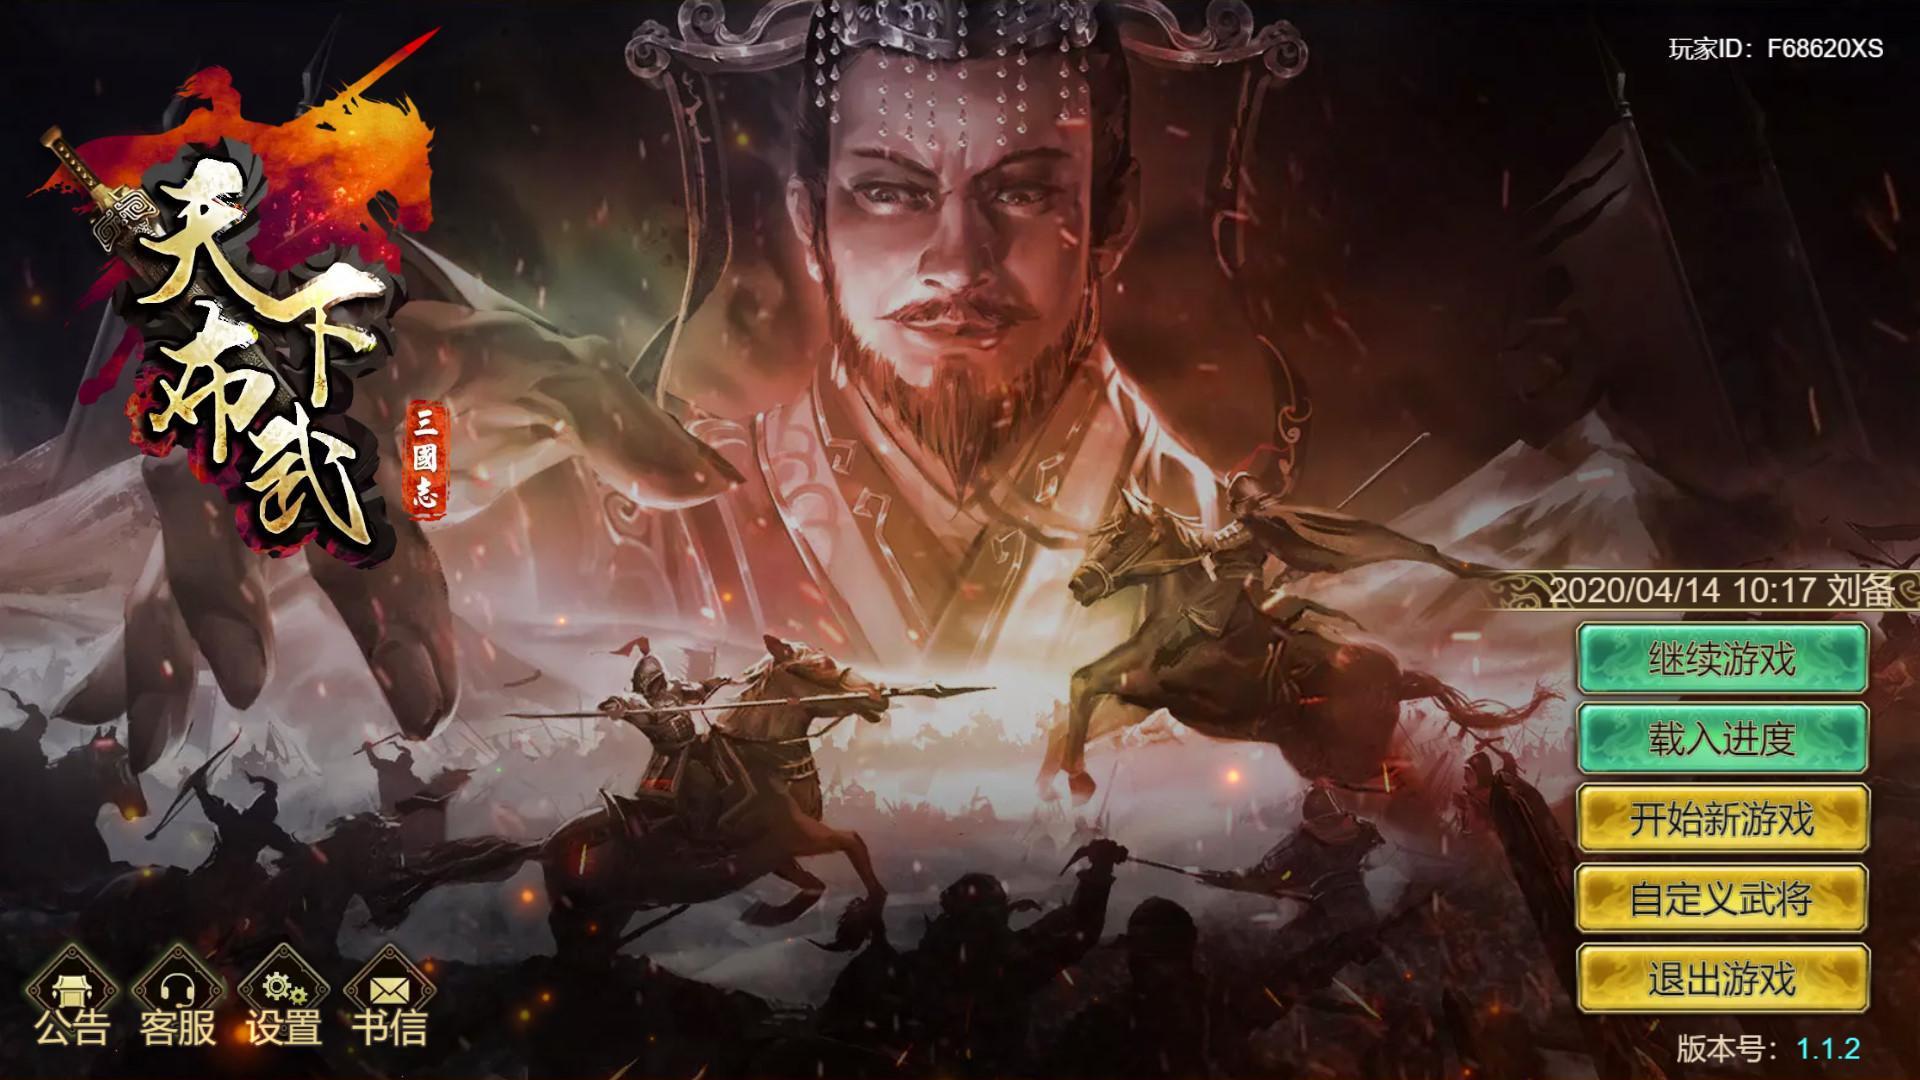 三国志天下布武 游戏截图3